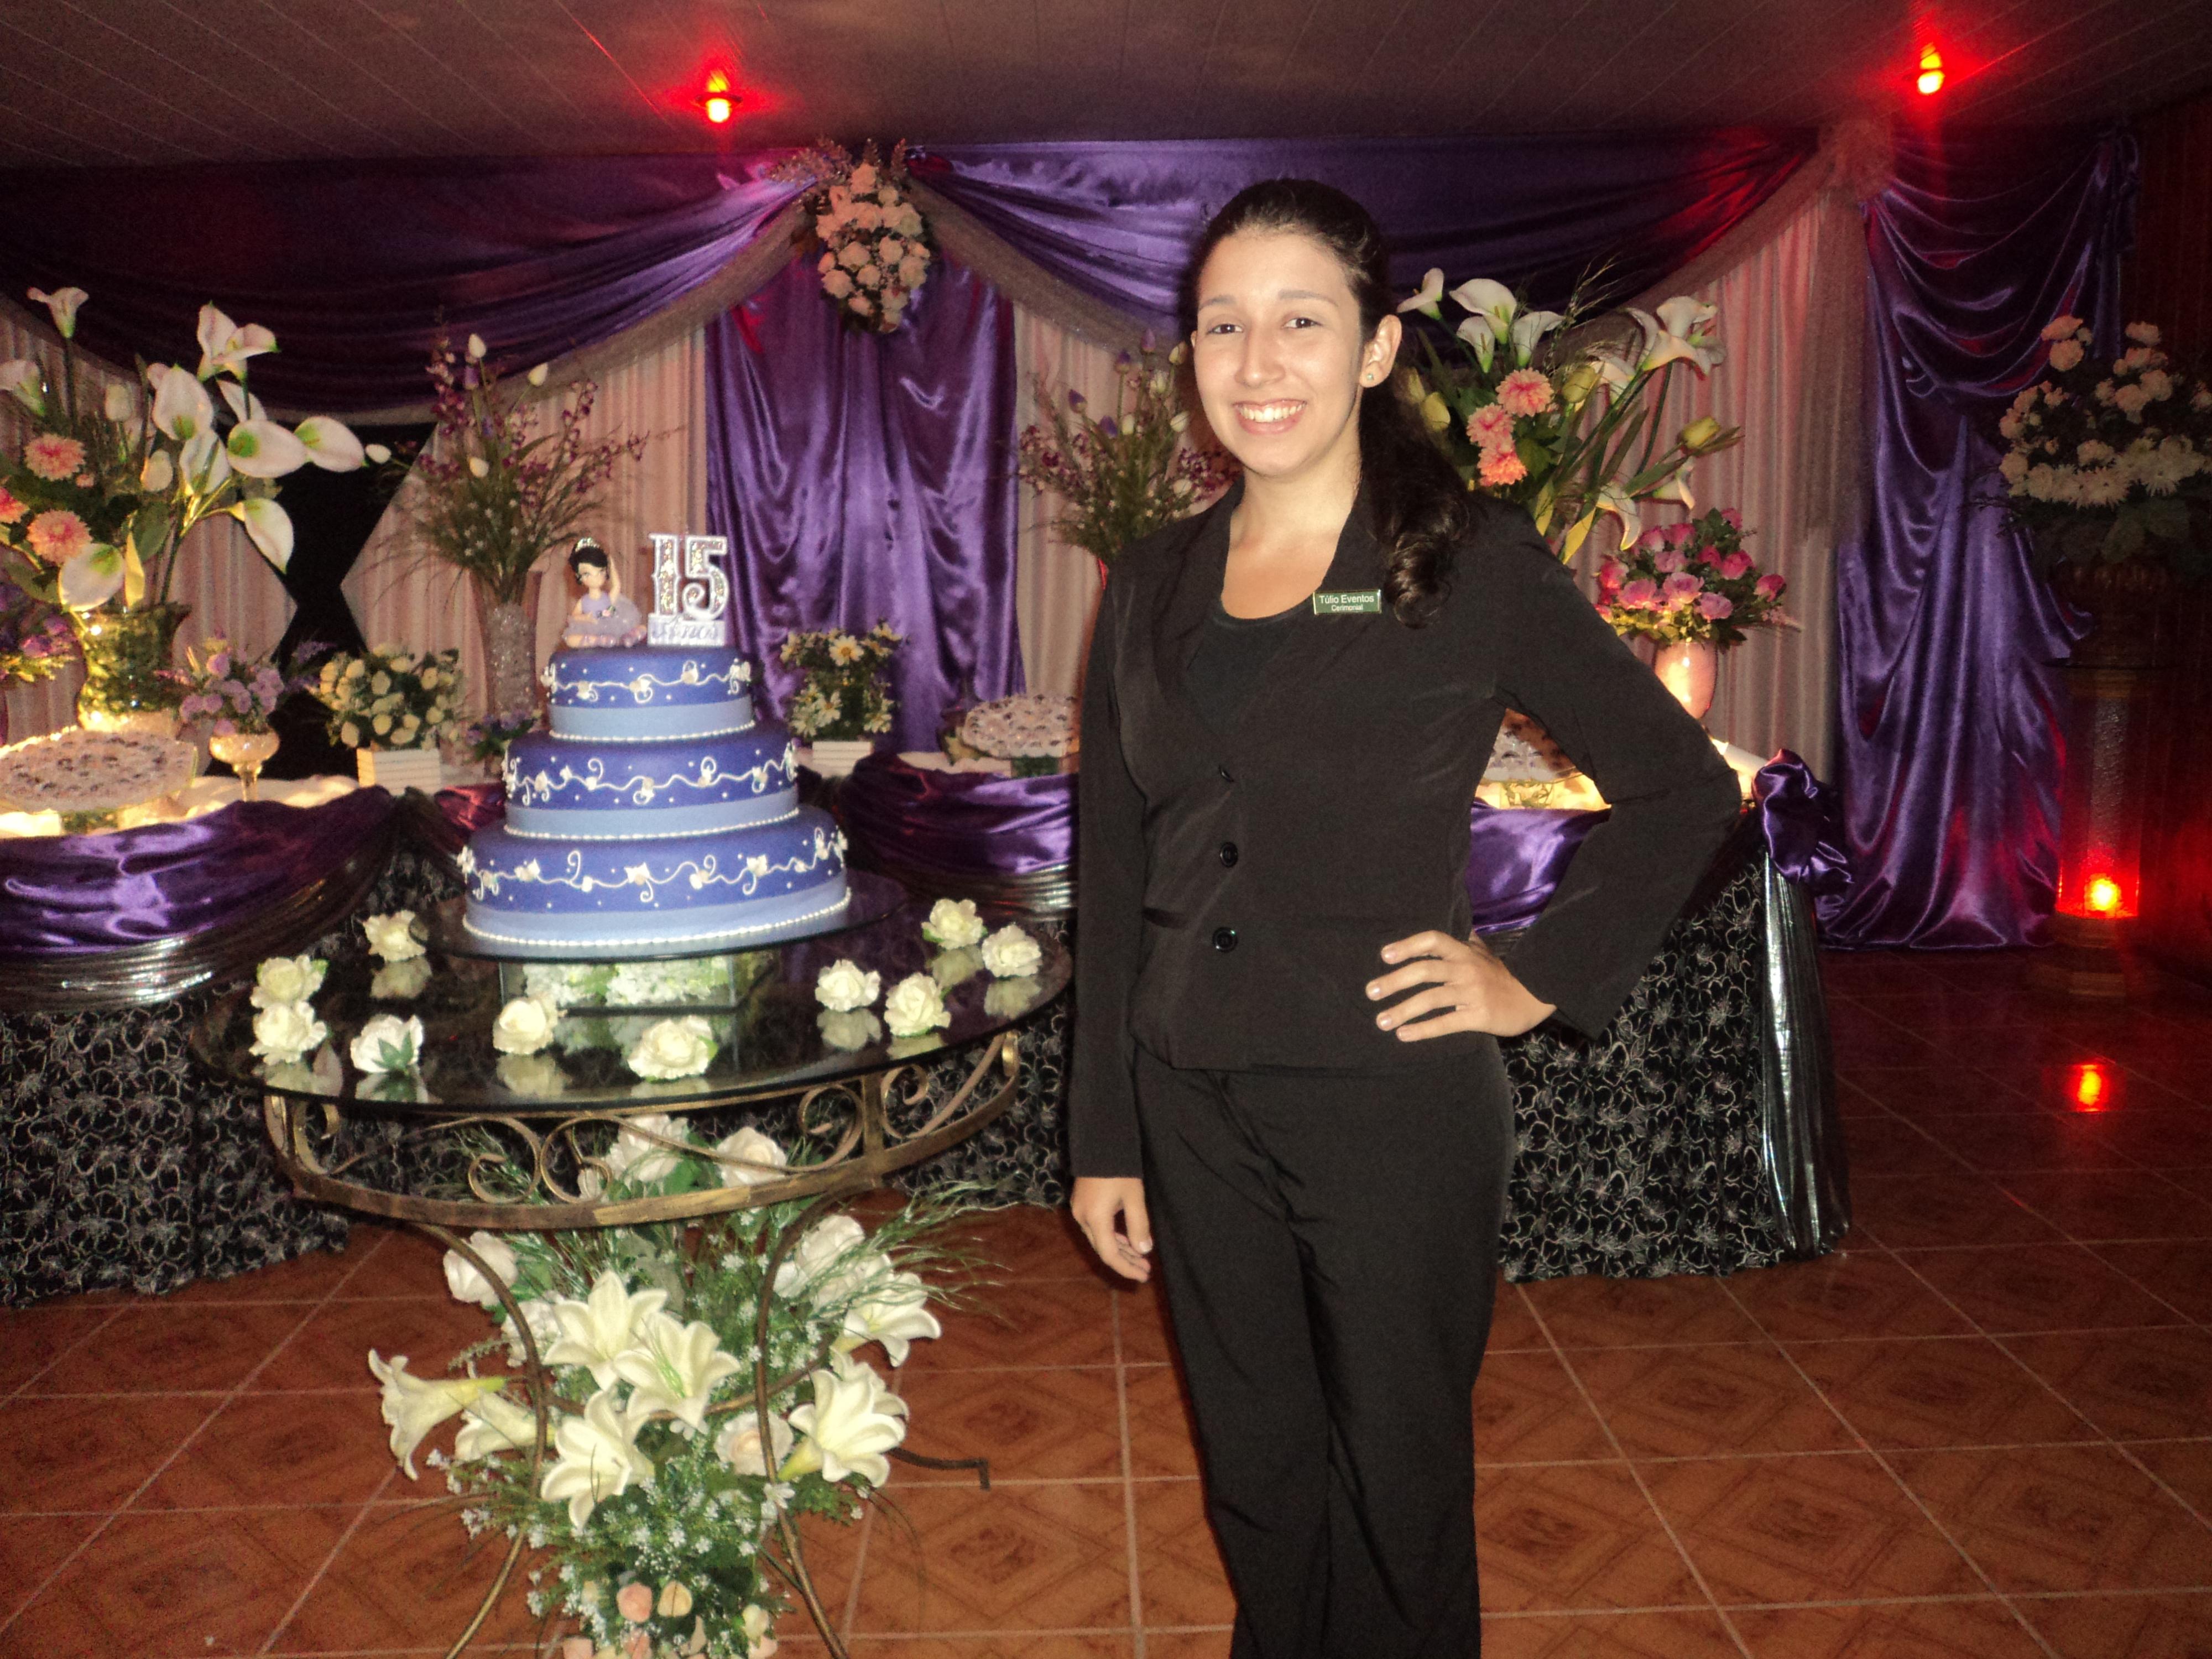 foto assistente de cerimonial Tarciane, Recanto da Amizade, Sepetiba, 2.8.14, Cerimonial 15 anos Leticia Sousa